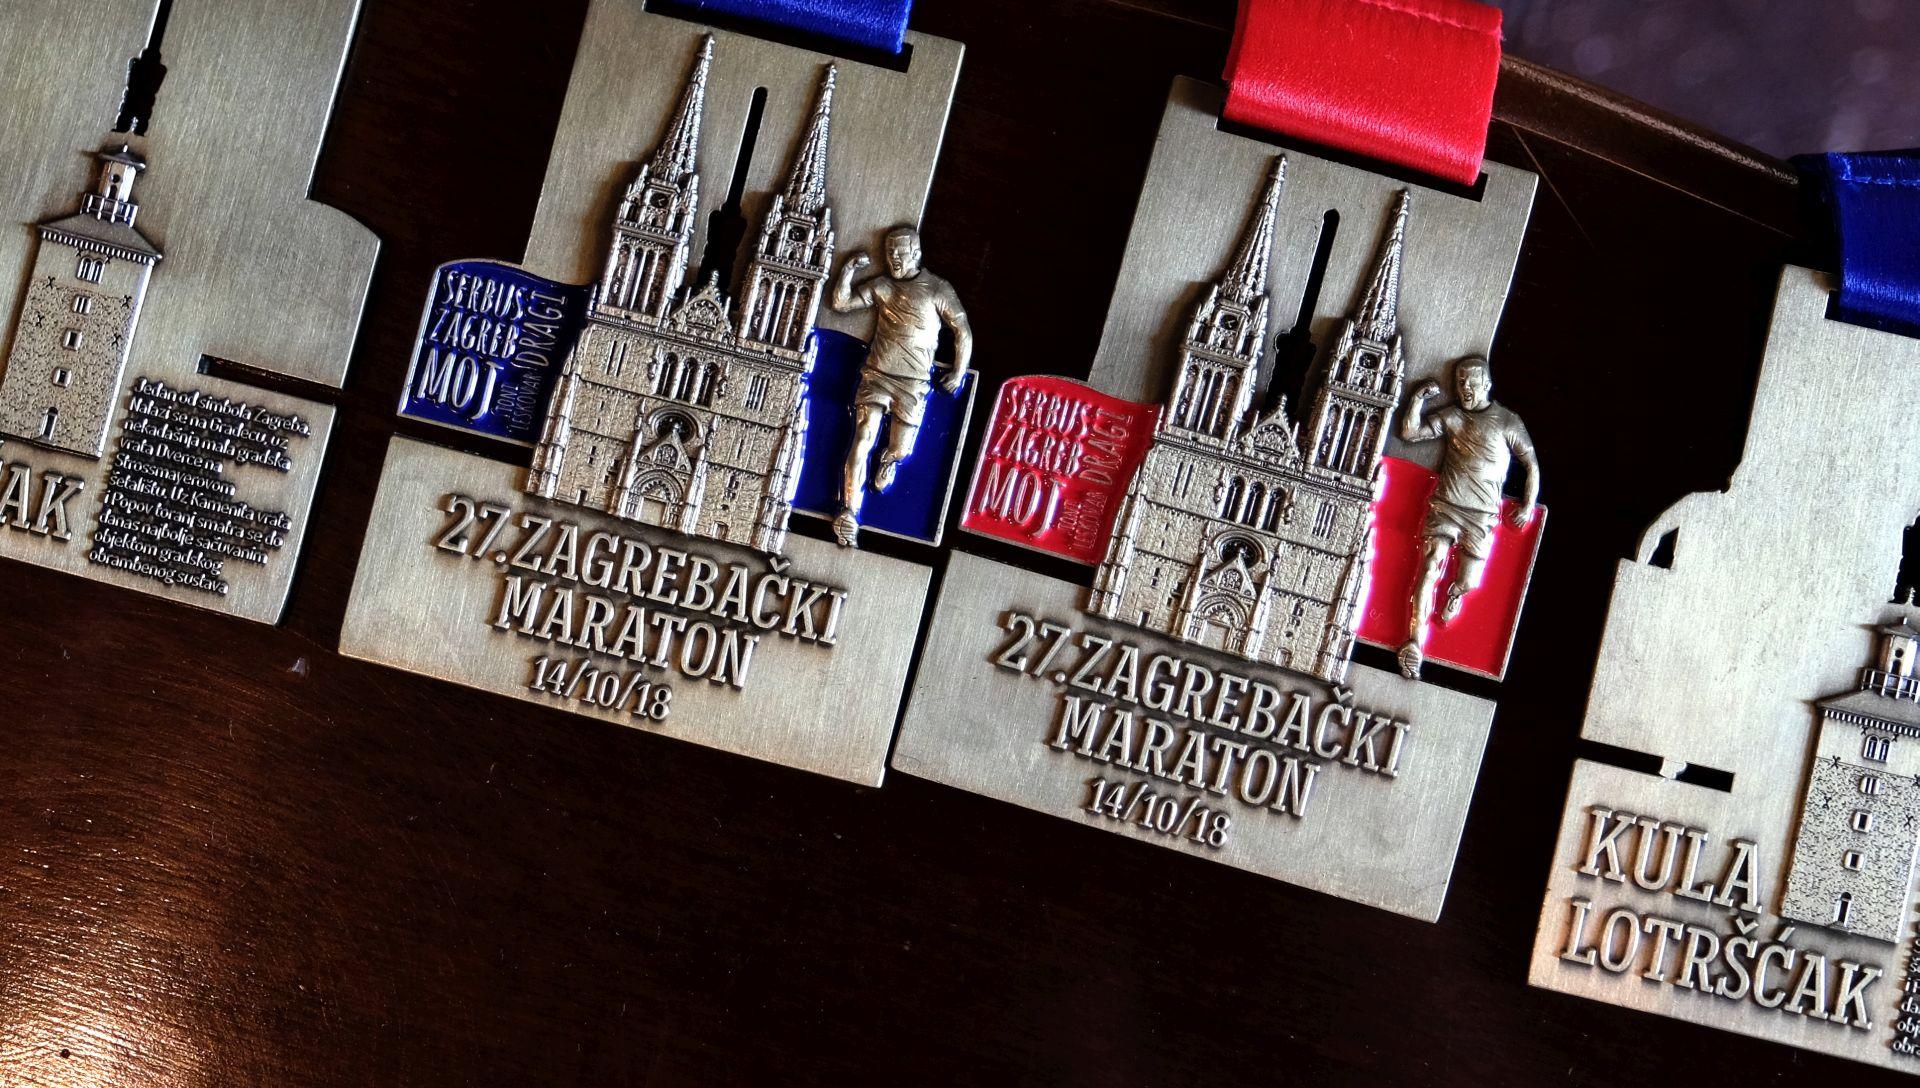 Na 27. Zagrebačkom maratonu više od 3.500 trkača iz 50 zemalja